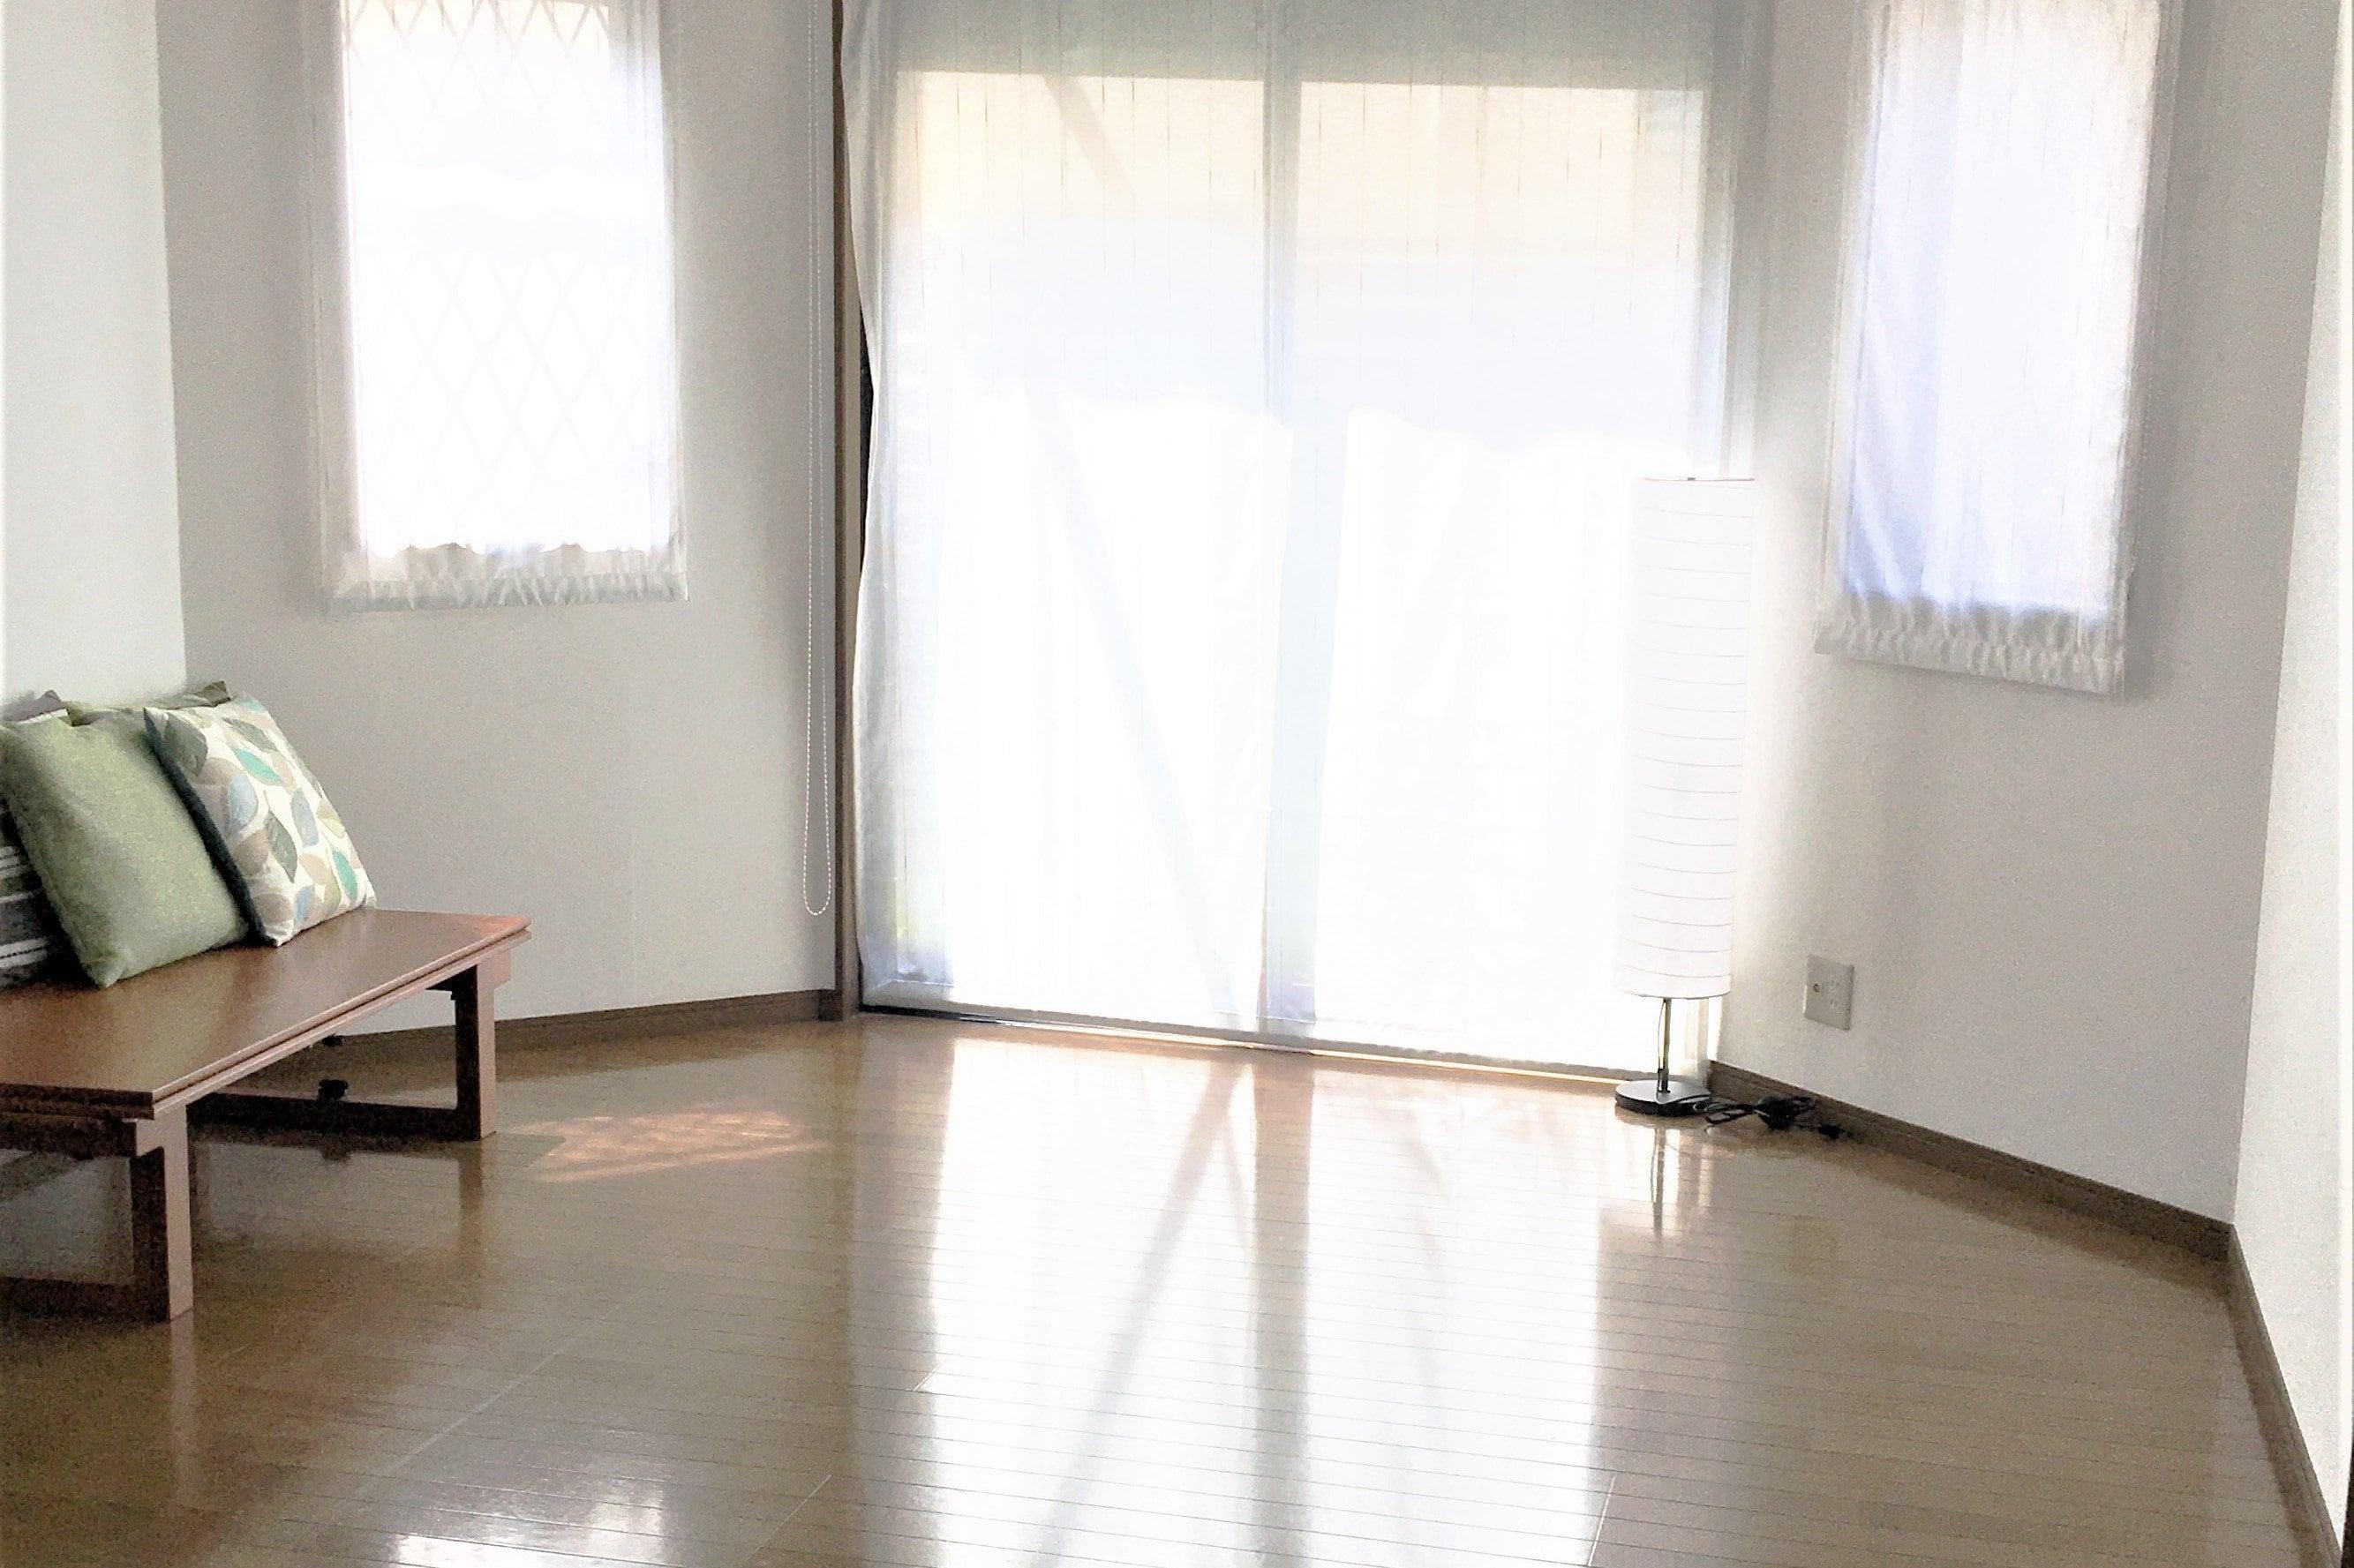 レンタルスペース名古屋のイメージその1